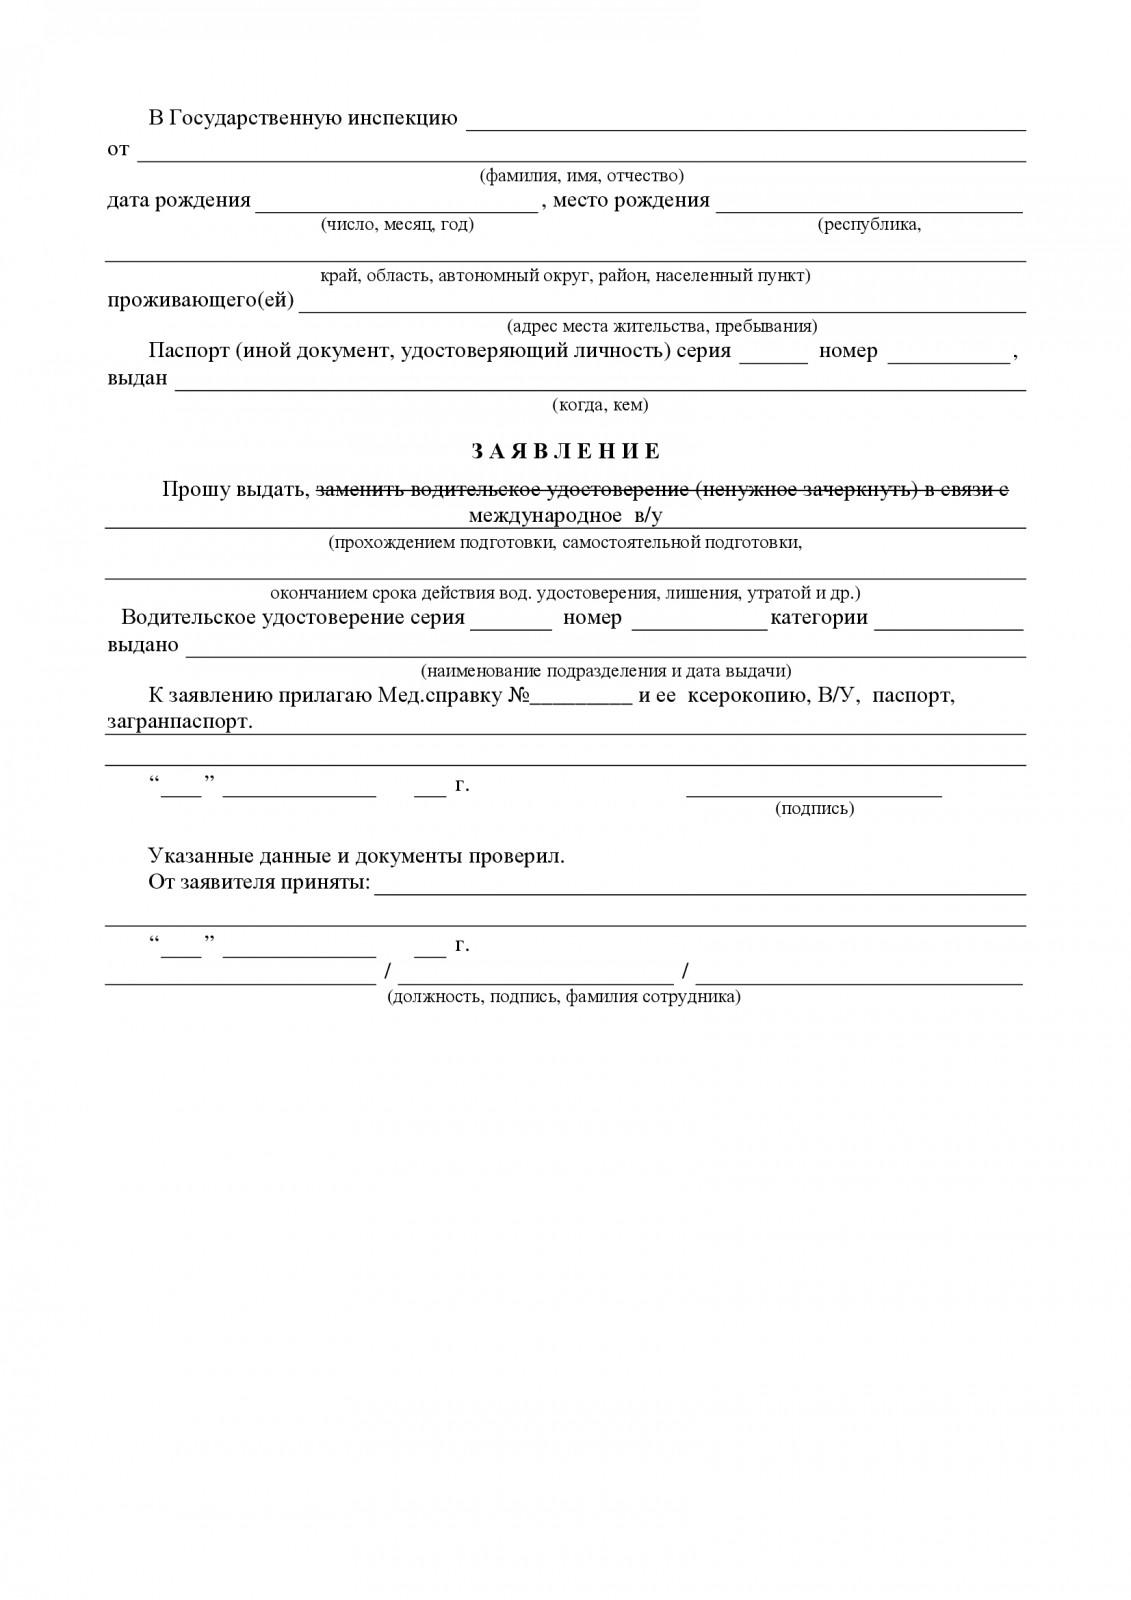 Заявление на получение международных прав